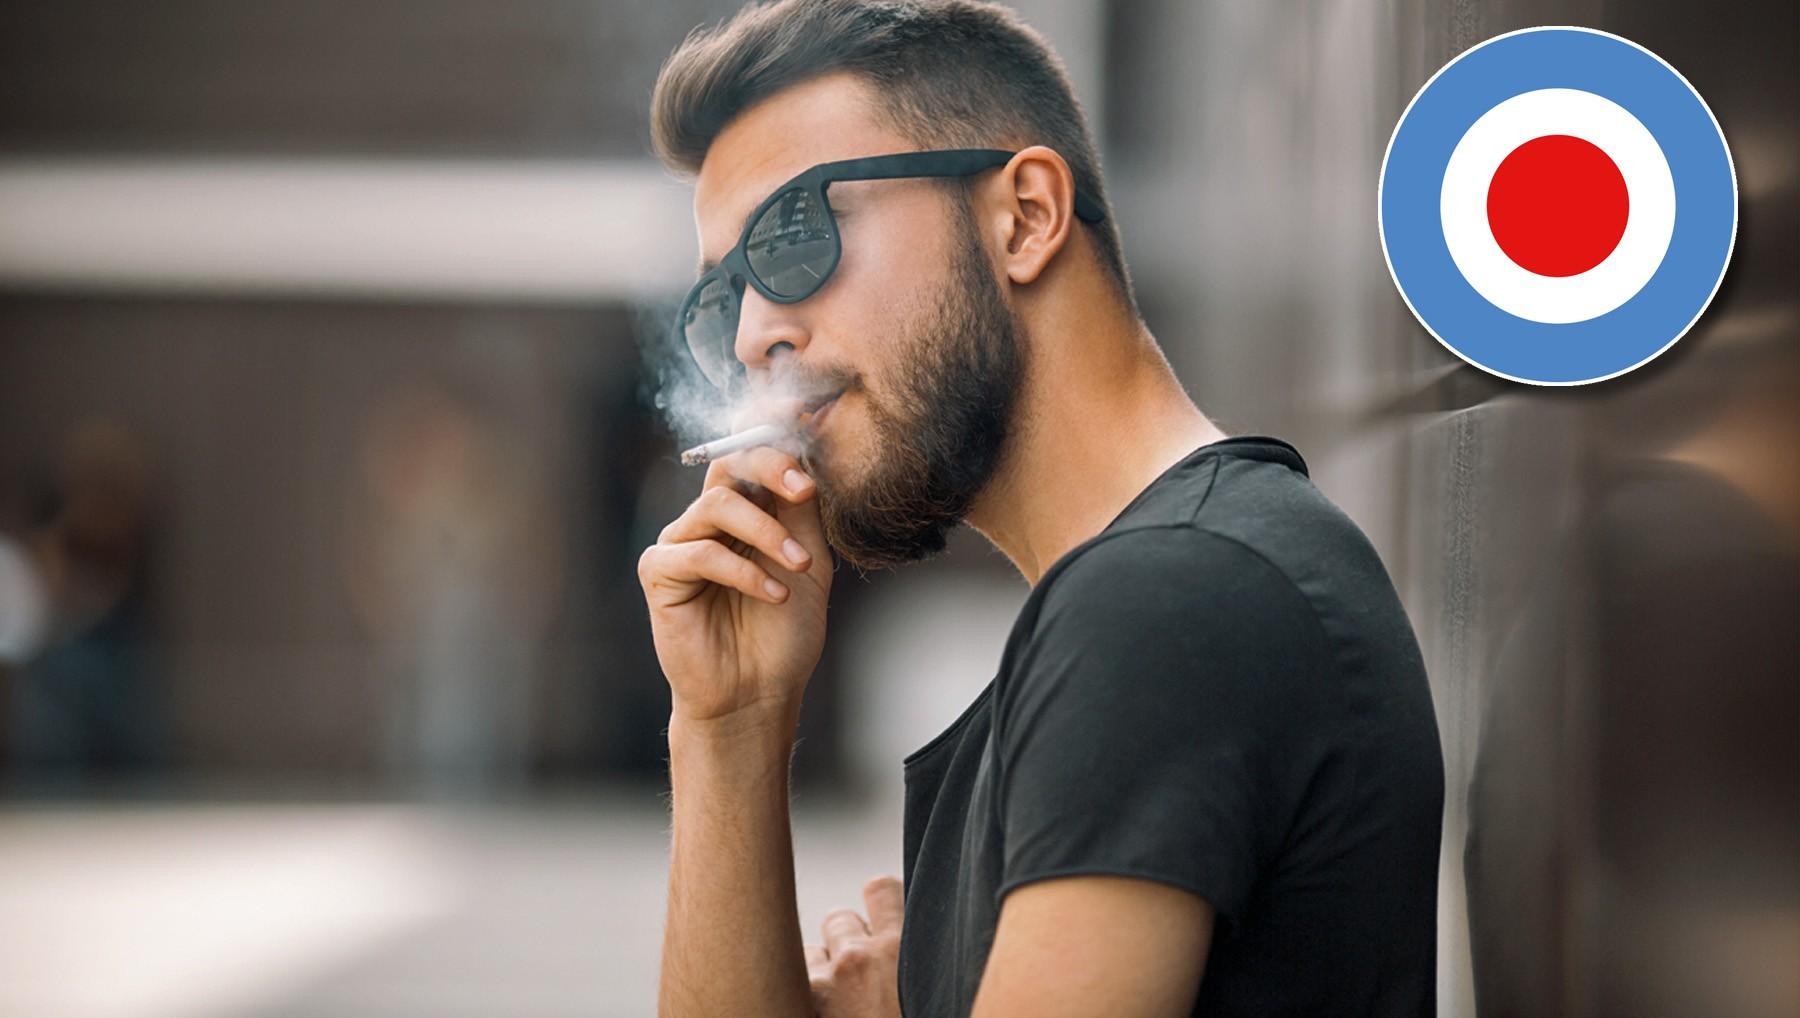 Von wegen cool! - Experten warnen: Rauchen lässt Penis